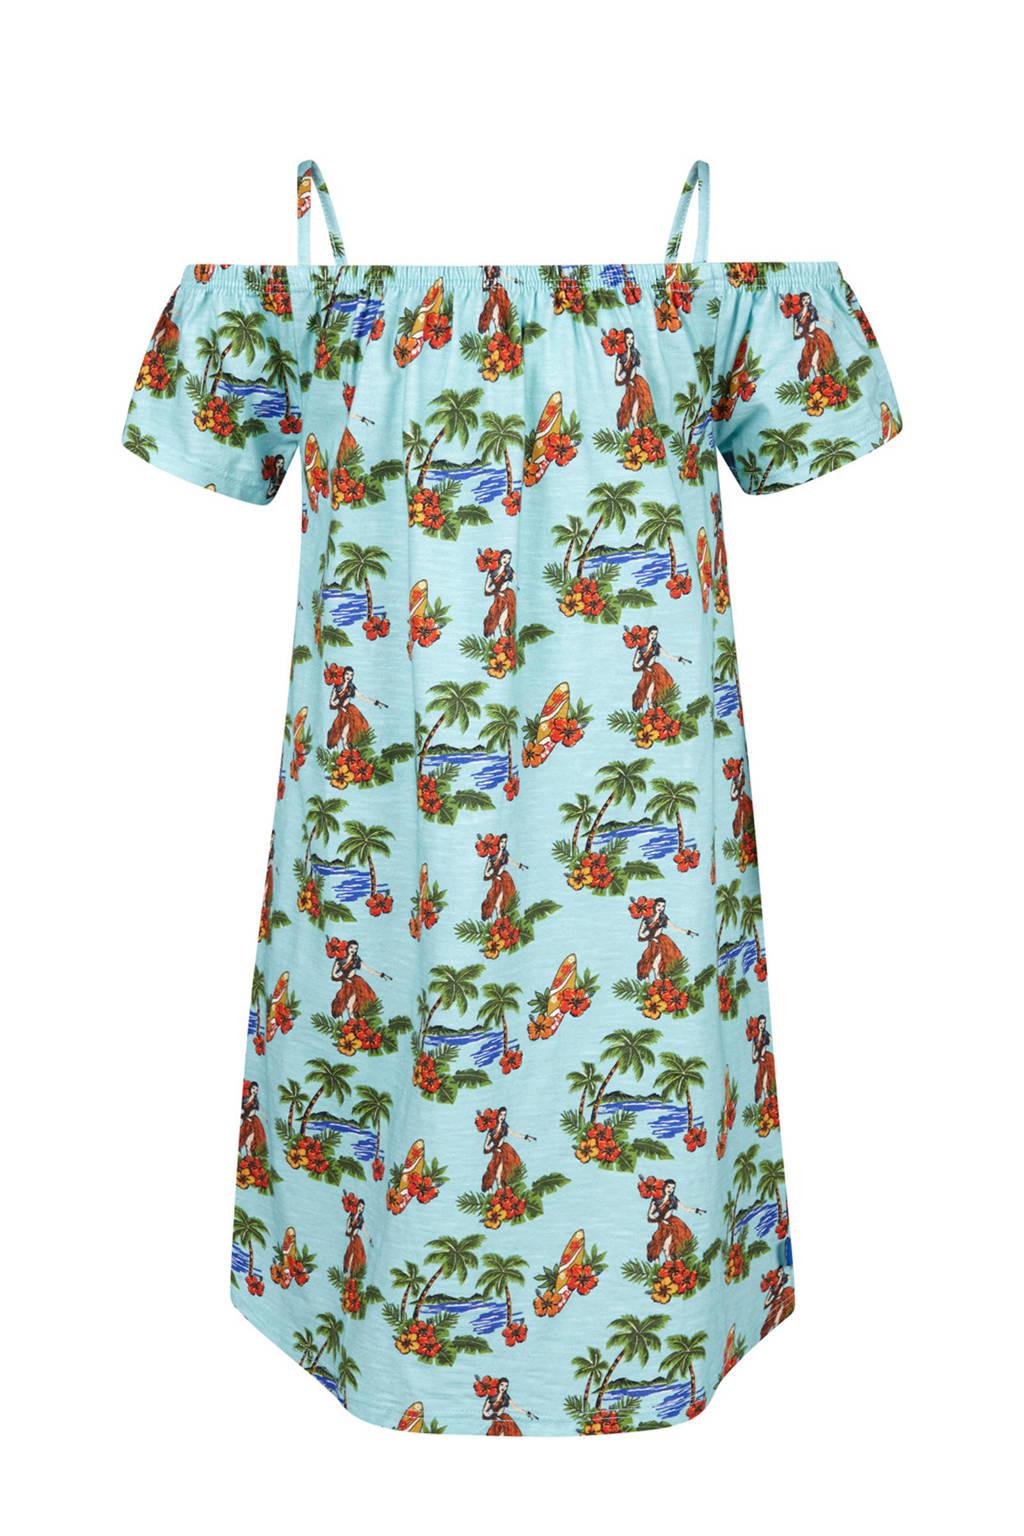 WE Fashion gebloemde off shoulder jurk Hawai lichtgroen, Lichtgroen